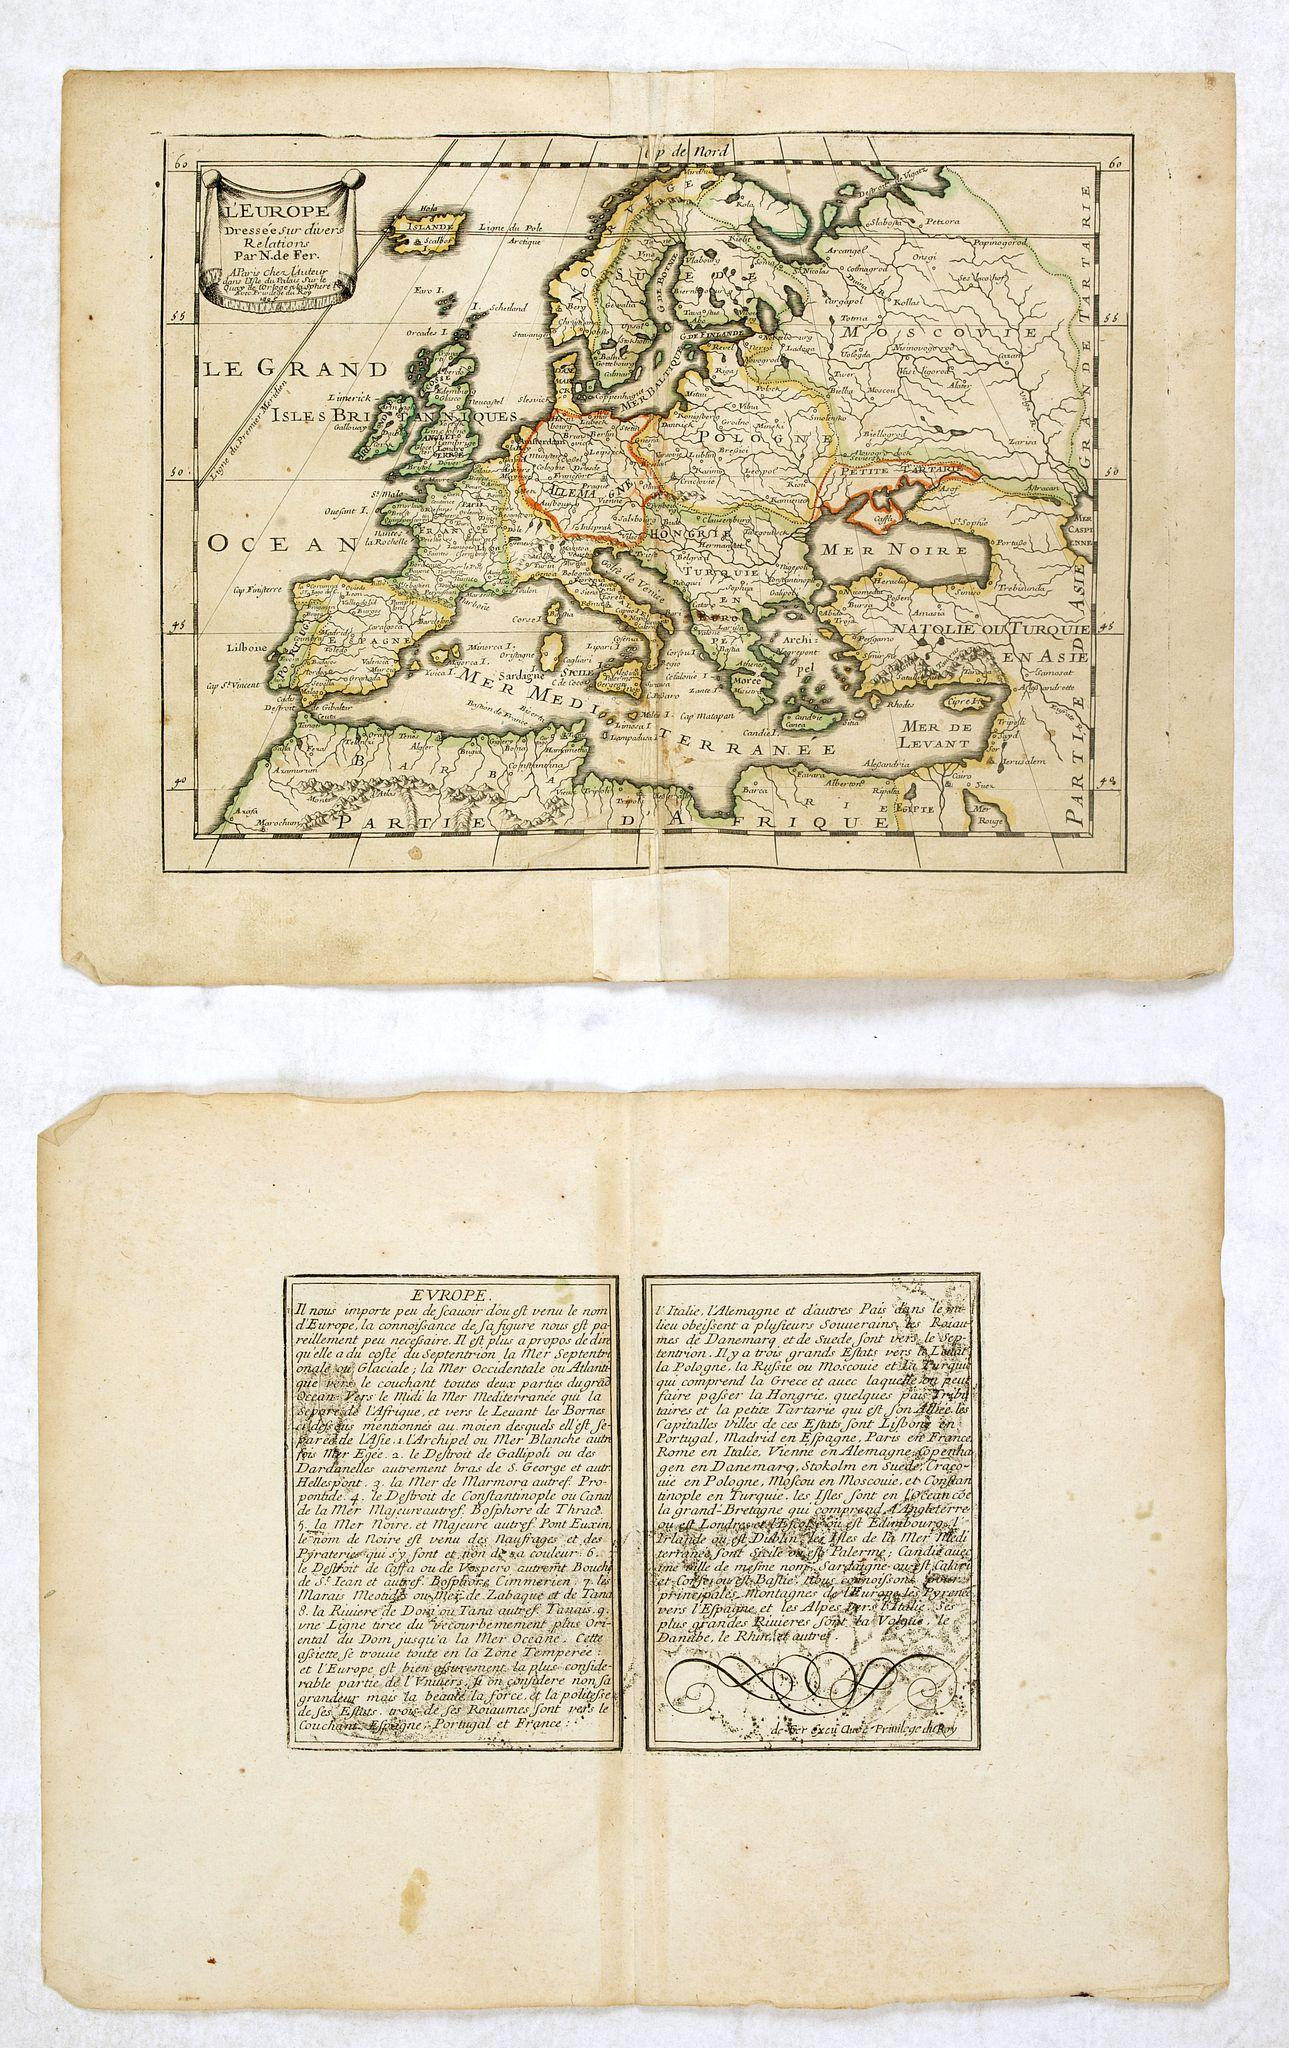 DE FER, N. -  L'Europe Dressée sur divers Relations Par N. de Fer.